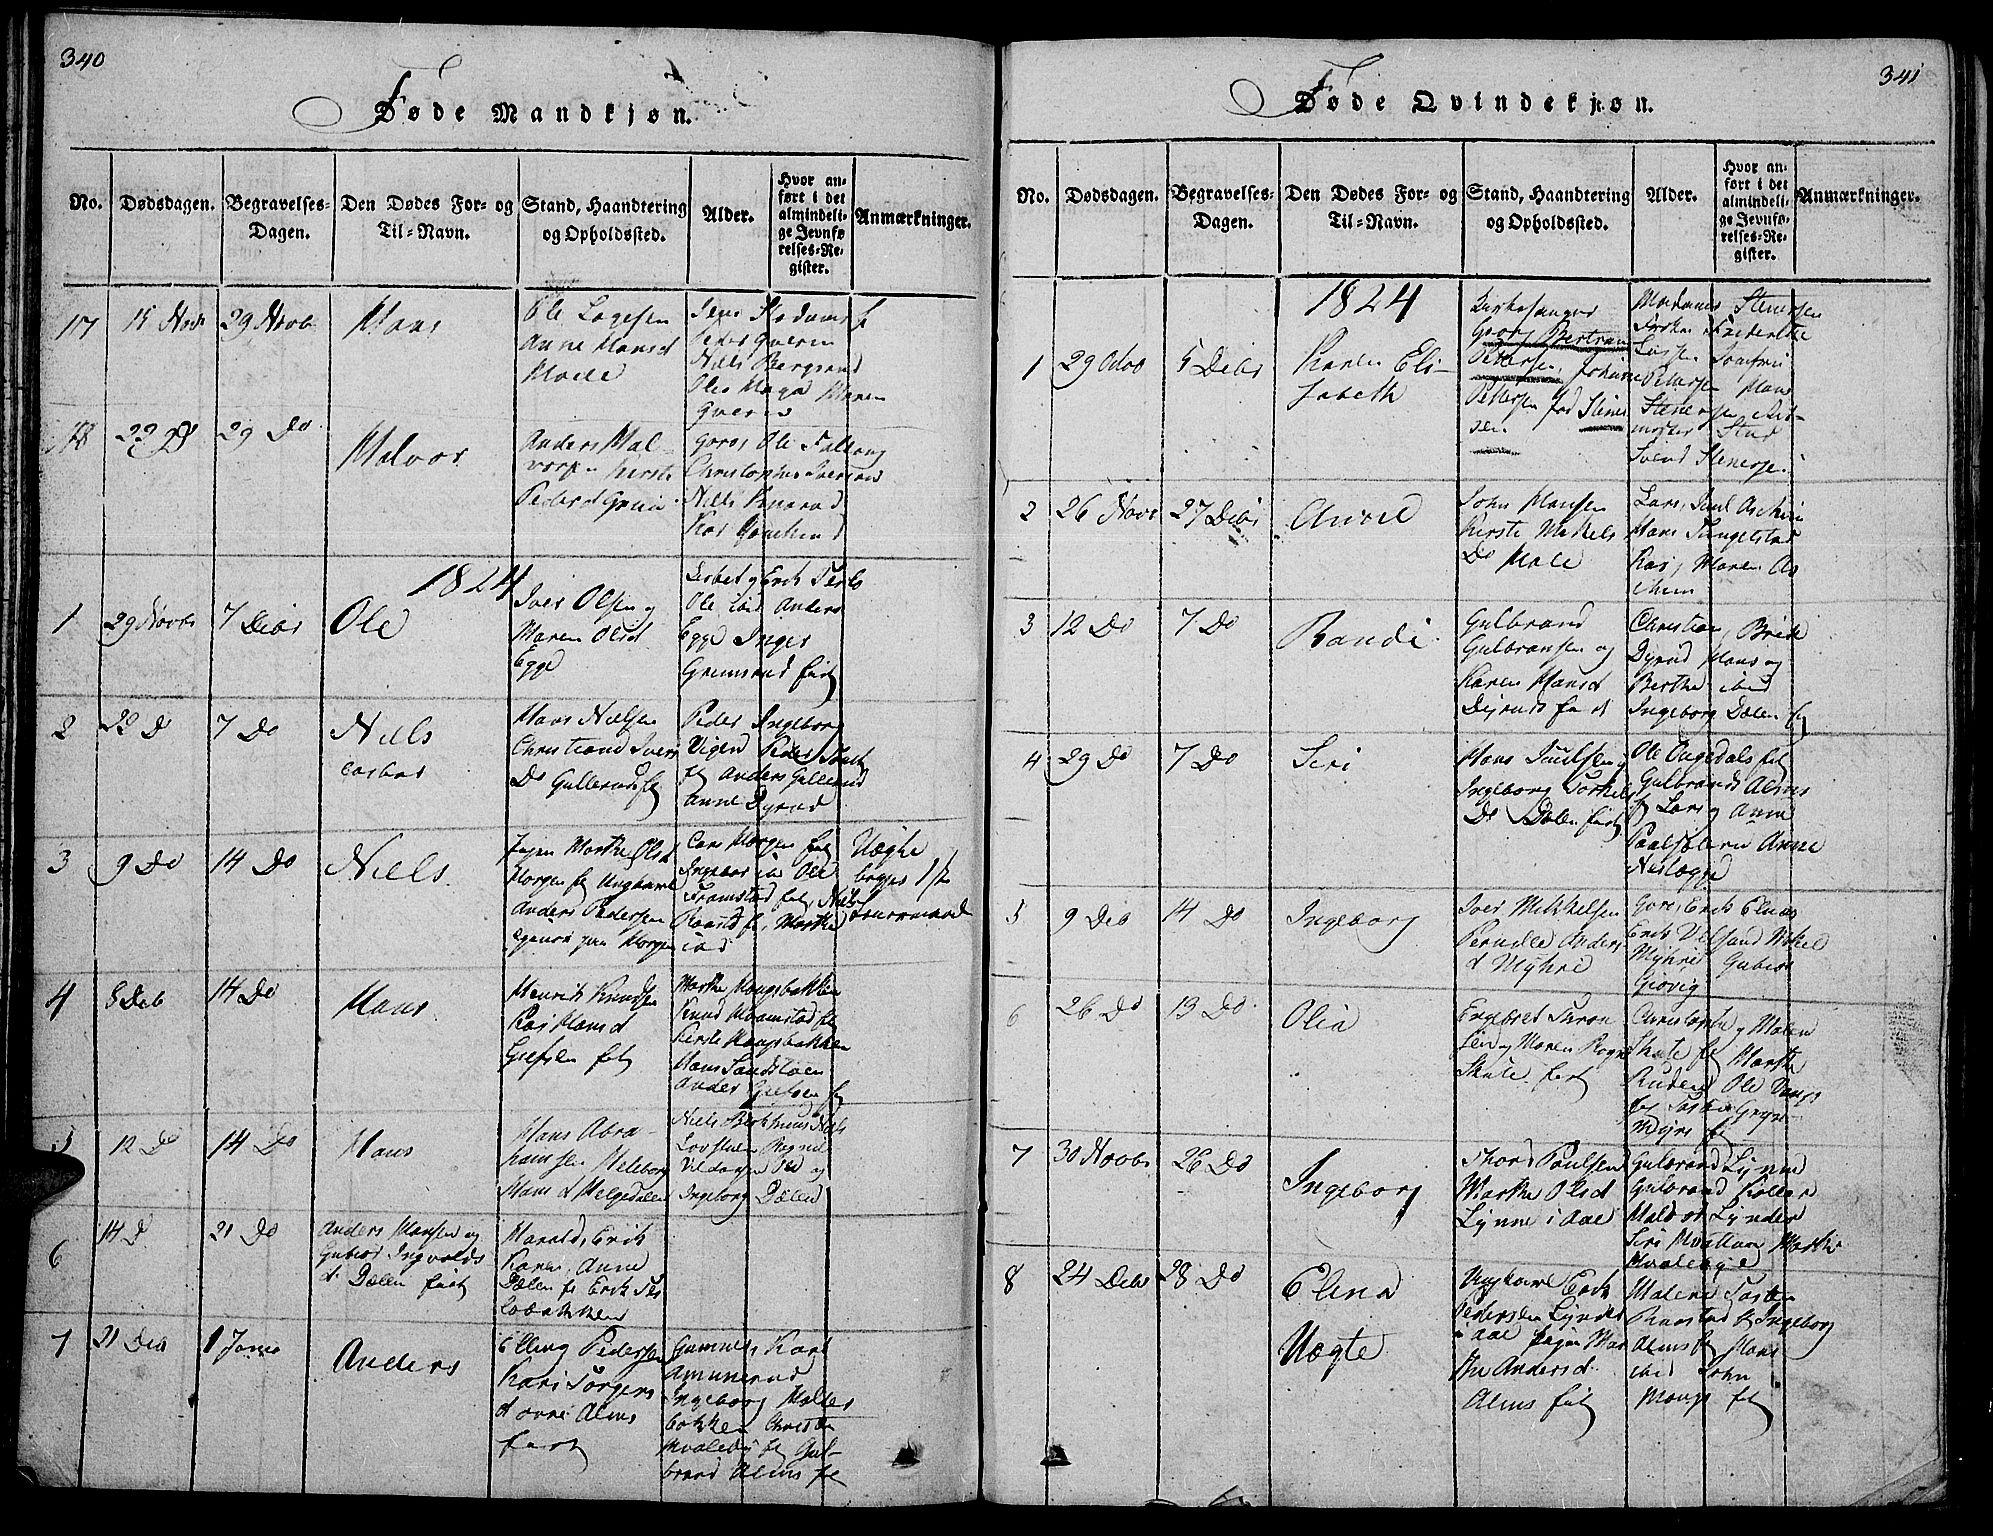 SAH, Gran prestekontor, Klokkerbok nr. 1, 1815-1824, s. 340-341